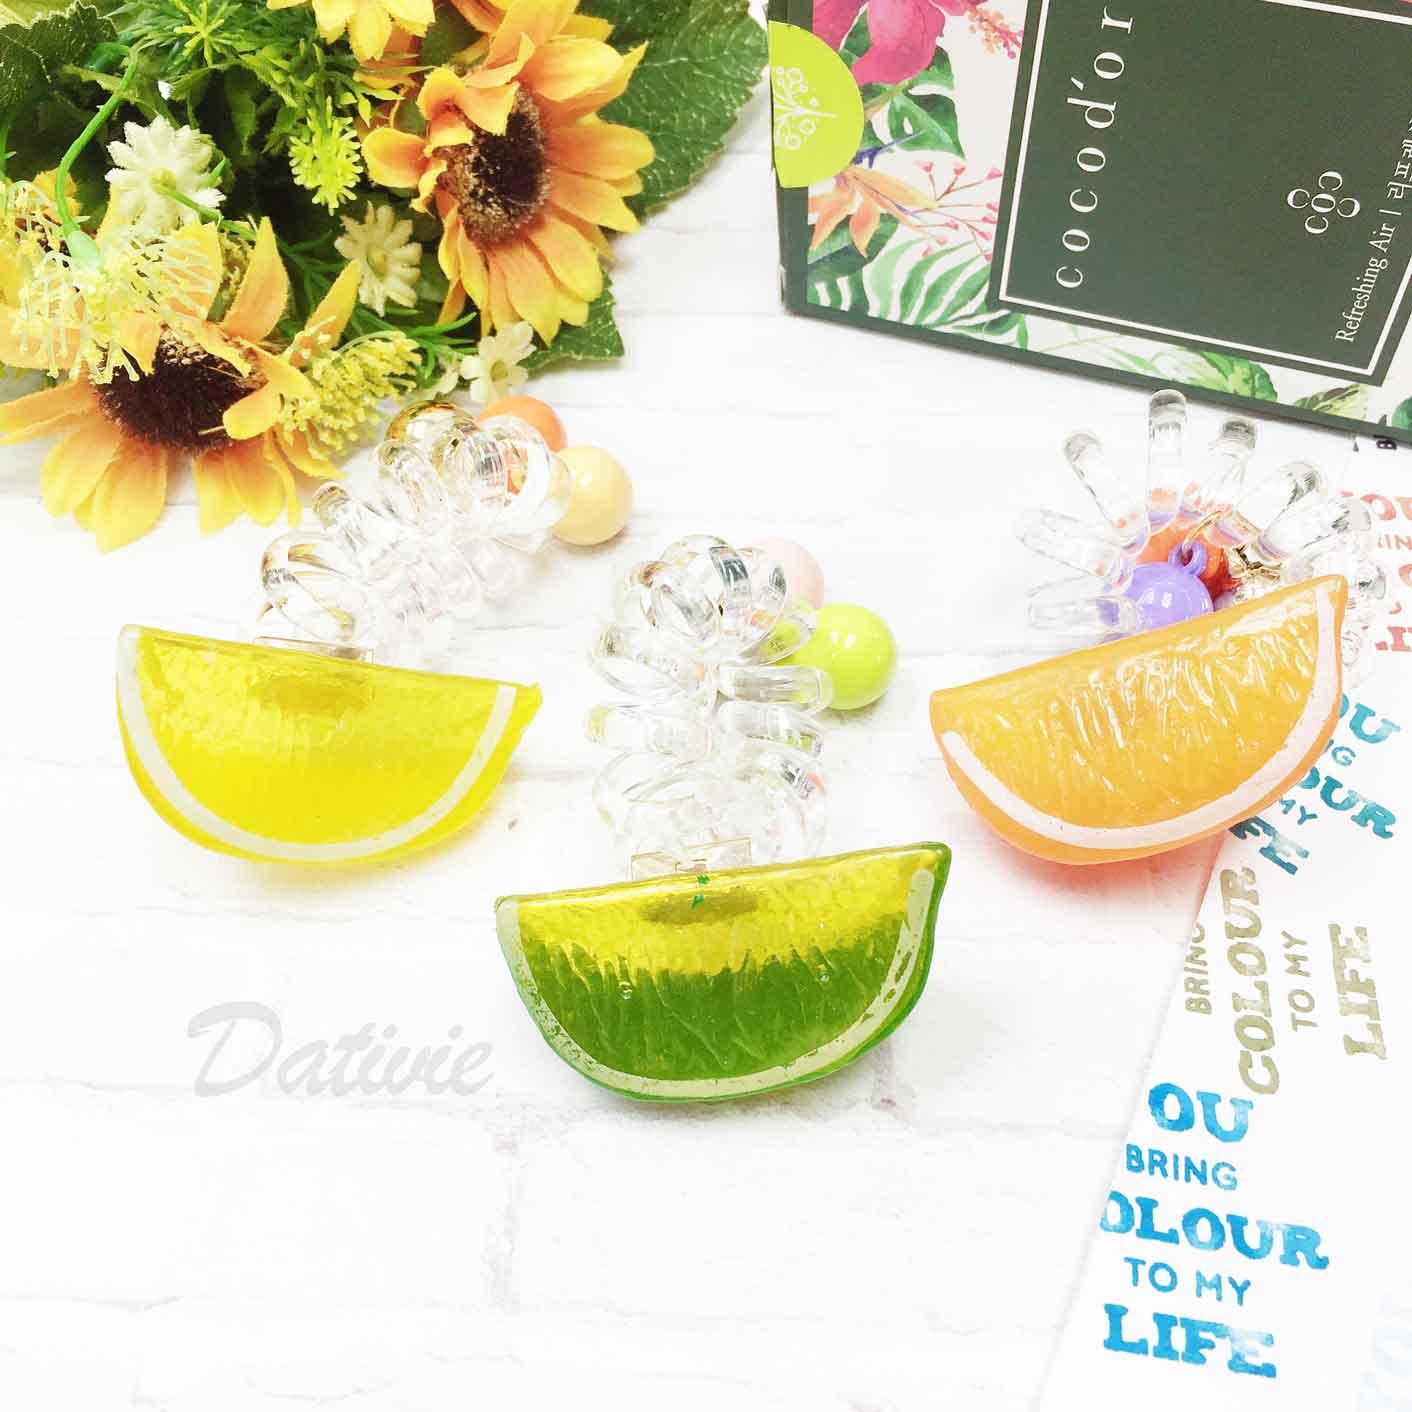 水果 檸檬 柳橙 橘子 鈴鐺 糖果色球 透明 電話線 混色 兩入組 髮飾 髮束 髮圈